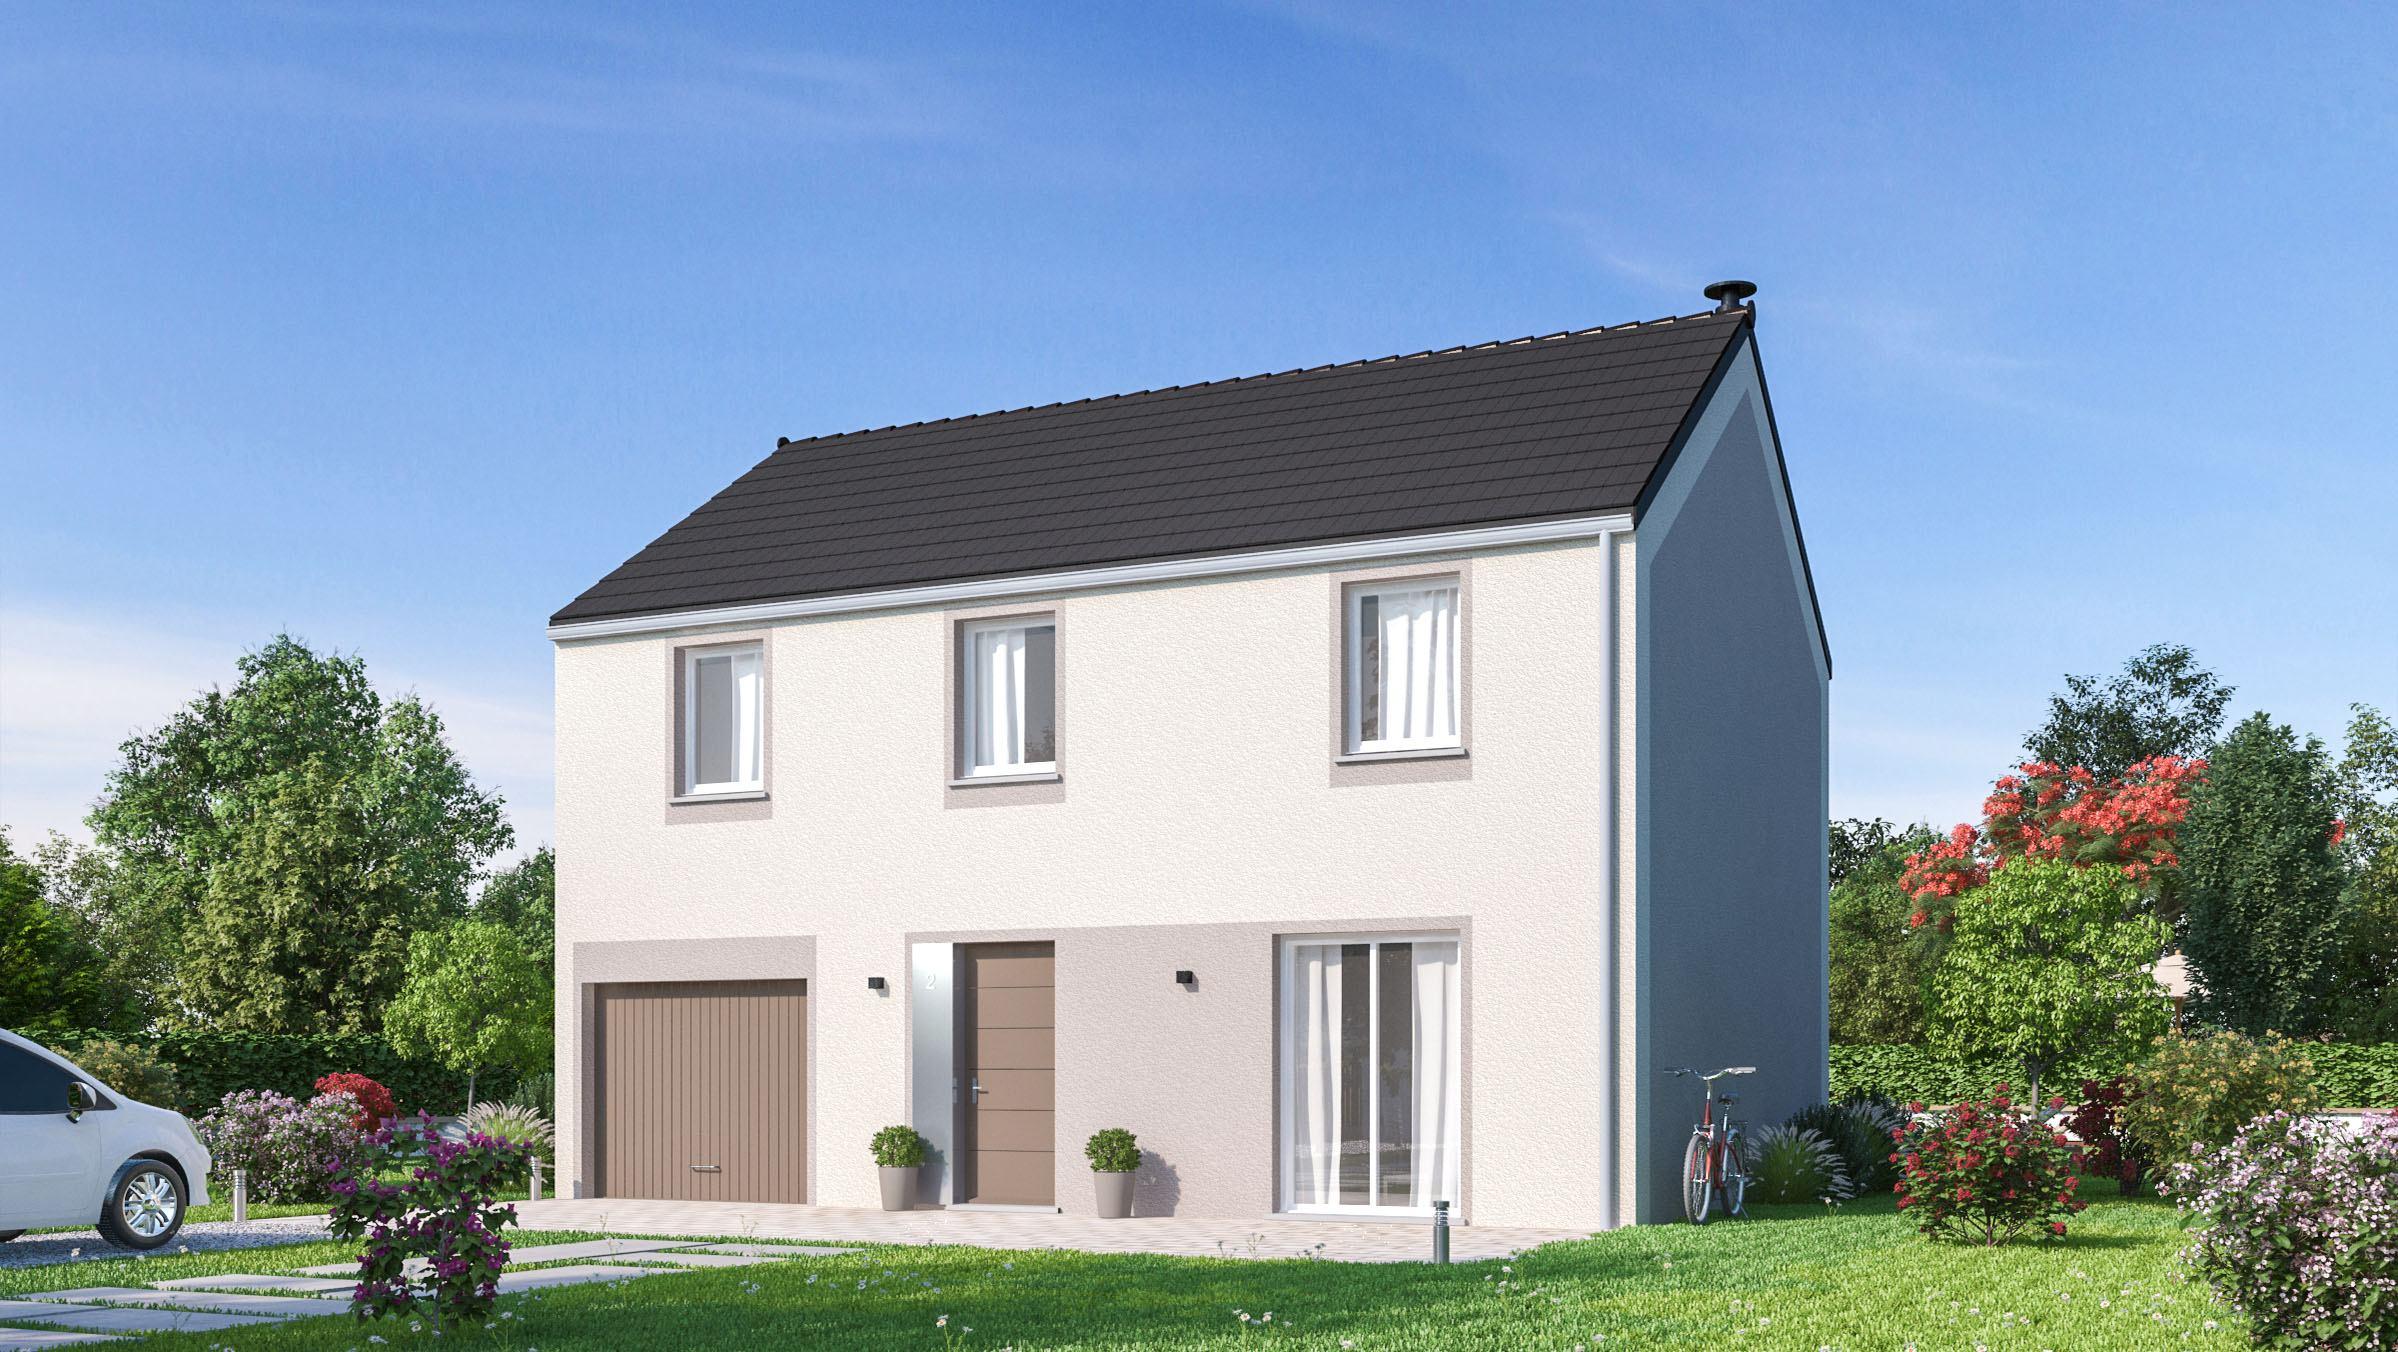 Maisons + Terrains du constructeur MAISONS PHENIX • 116 m² • SAINT MARTIN EN BIERE